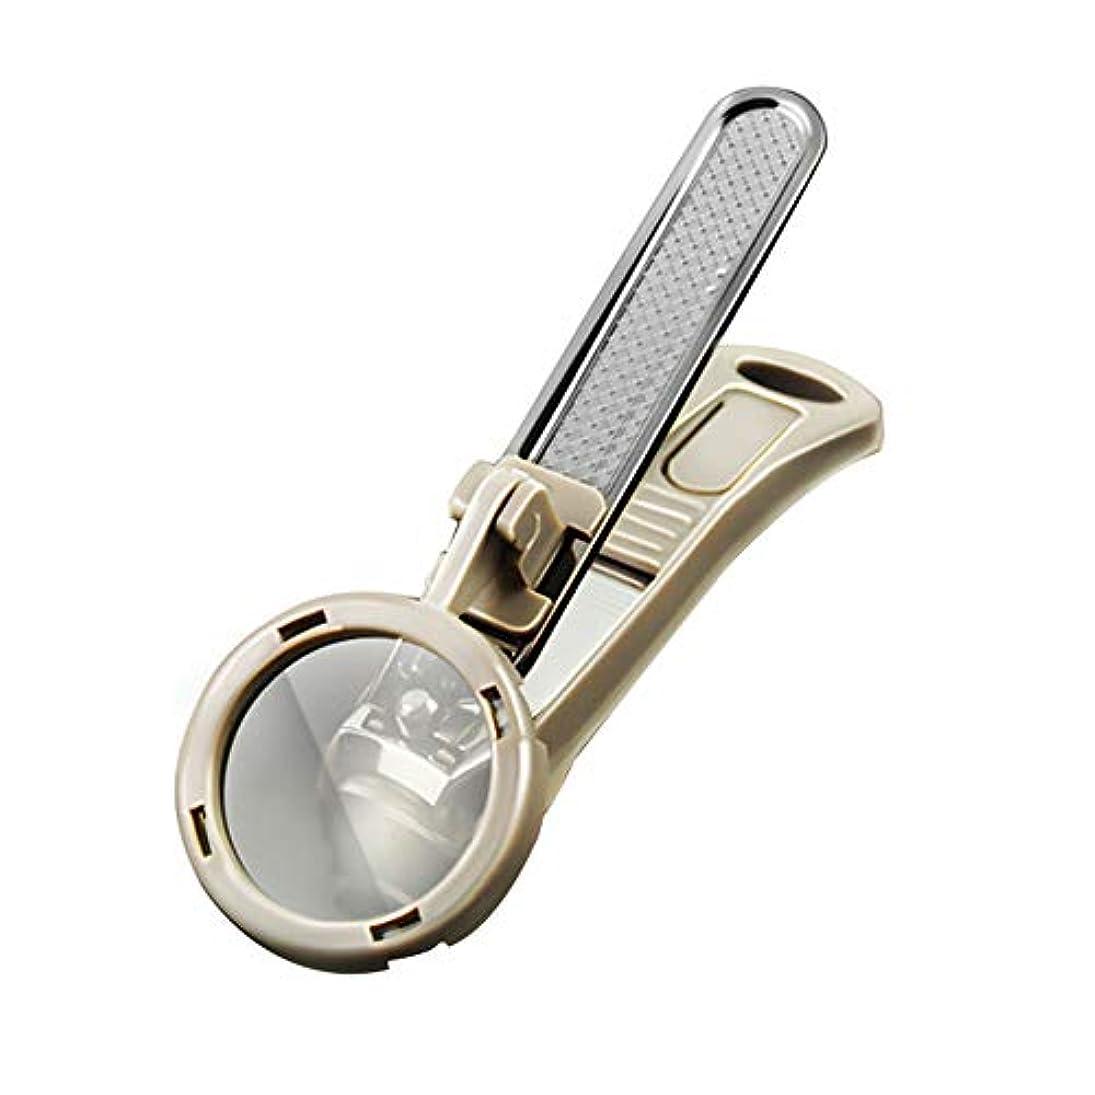 2.5倍の爪切りの拡大鏡,取り外し可能な拡大鏡の高齢者の爪切り ベビーセーフティーネイルケア ,収納ボックス付き